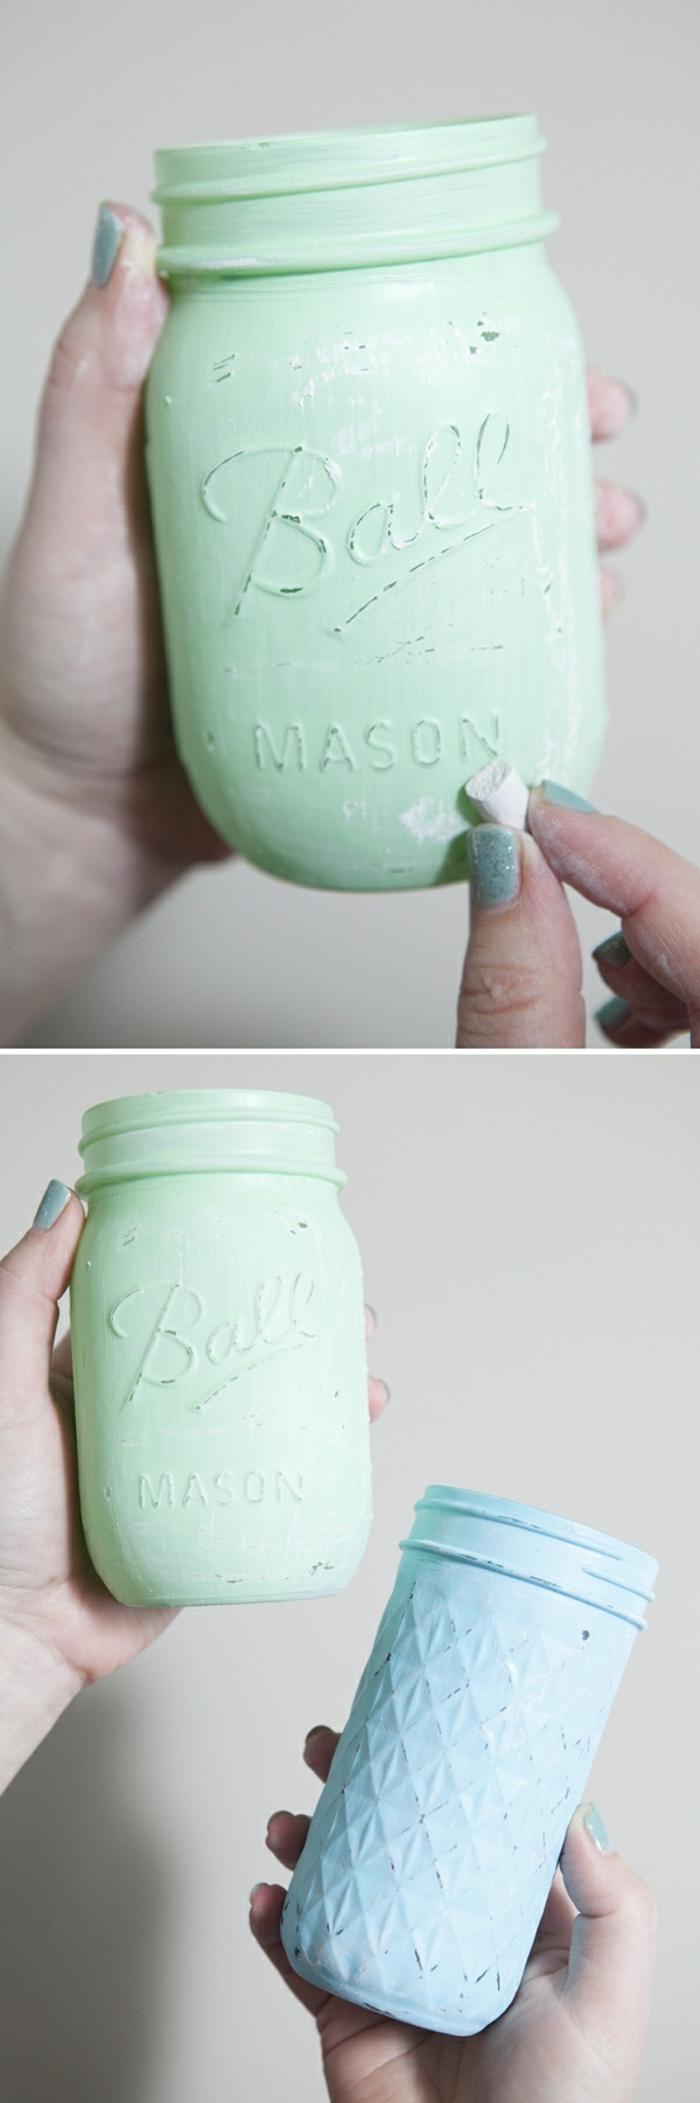 die Vasen dekorieren, ein blaues und ein grünes Weckglas mit Kreide bedeckt, Ideen zur Hochzeit